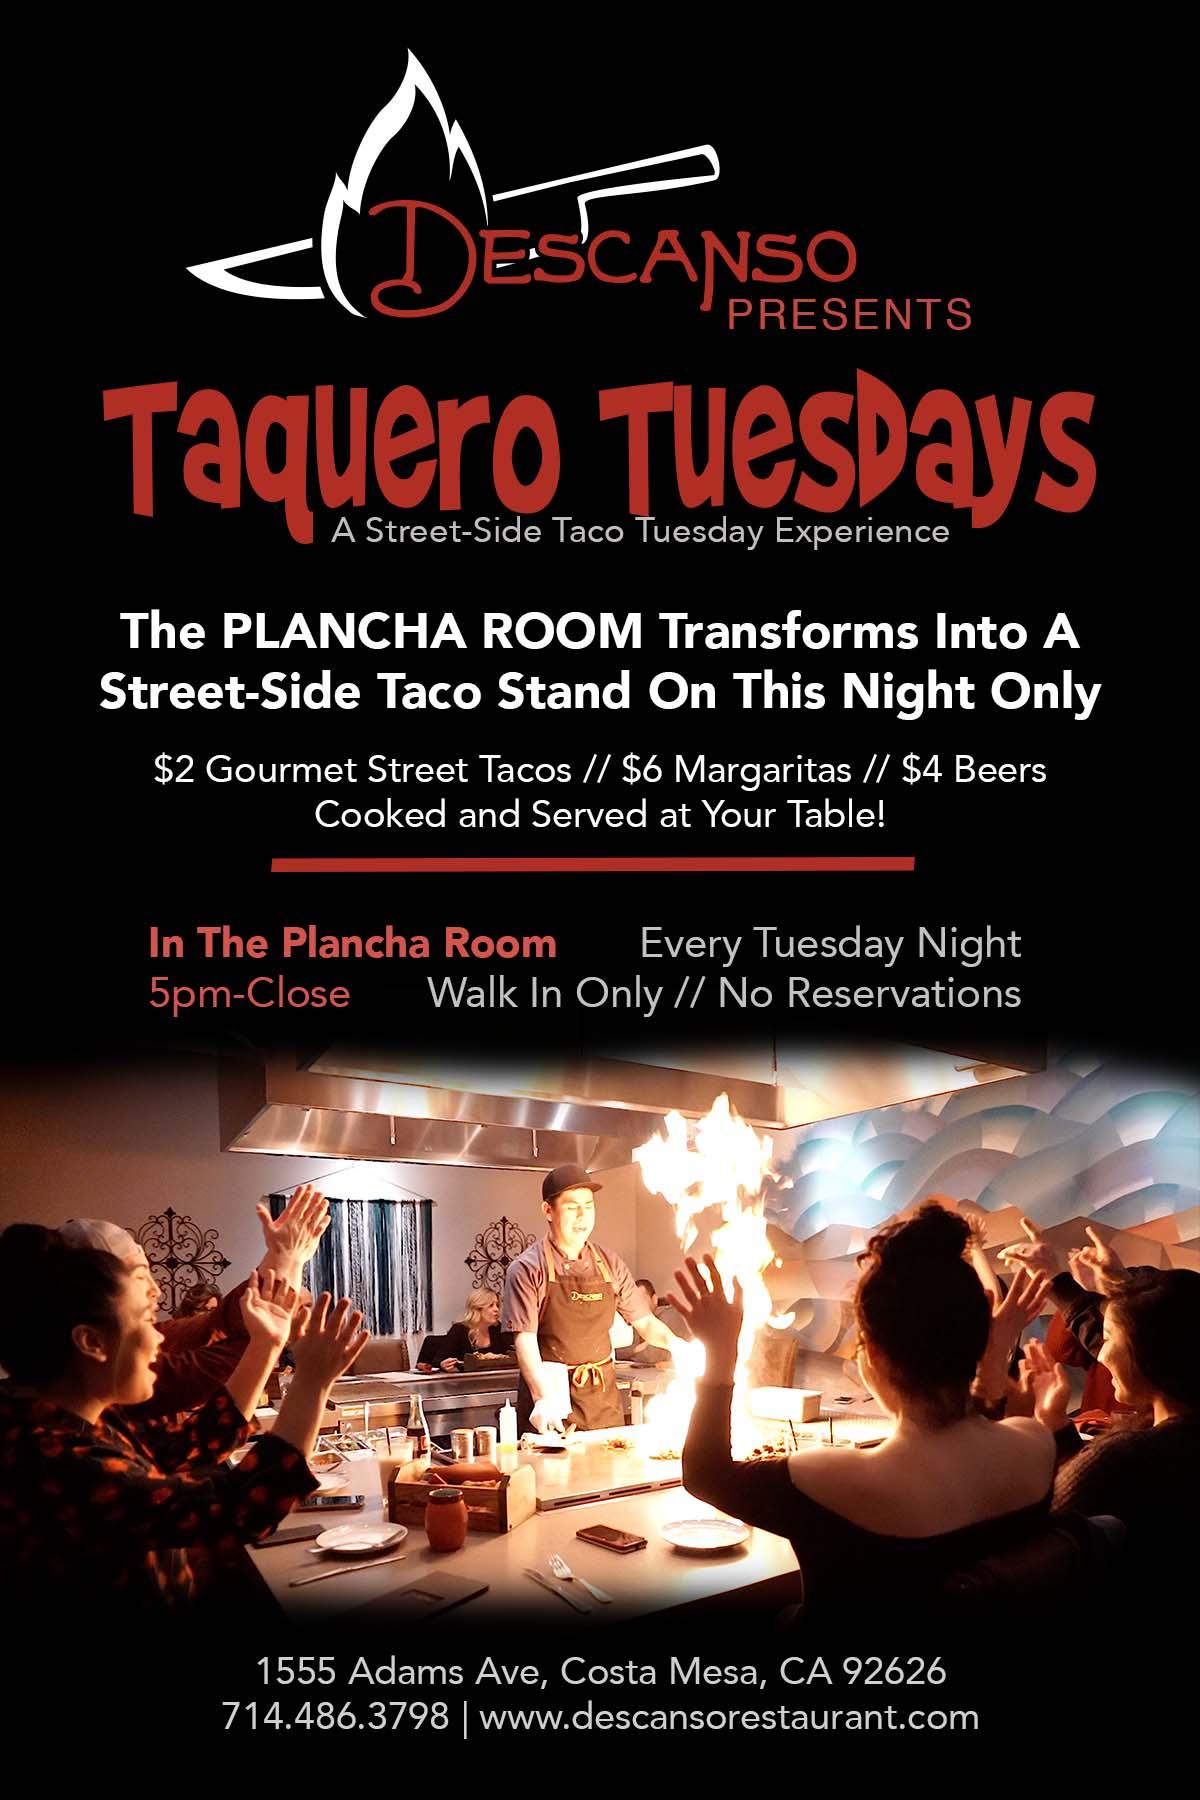 Taquero Tuesdays